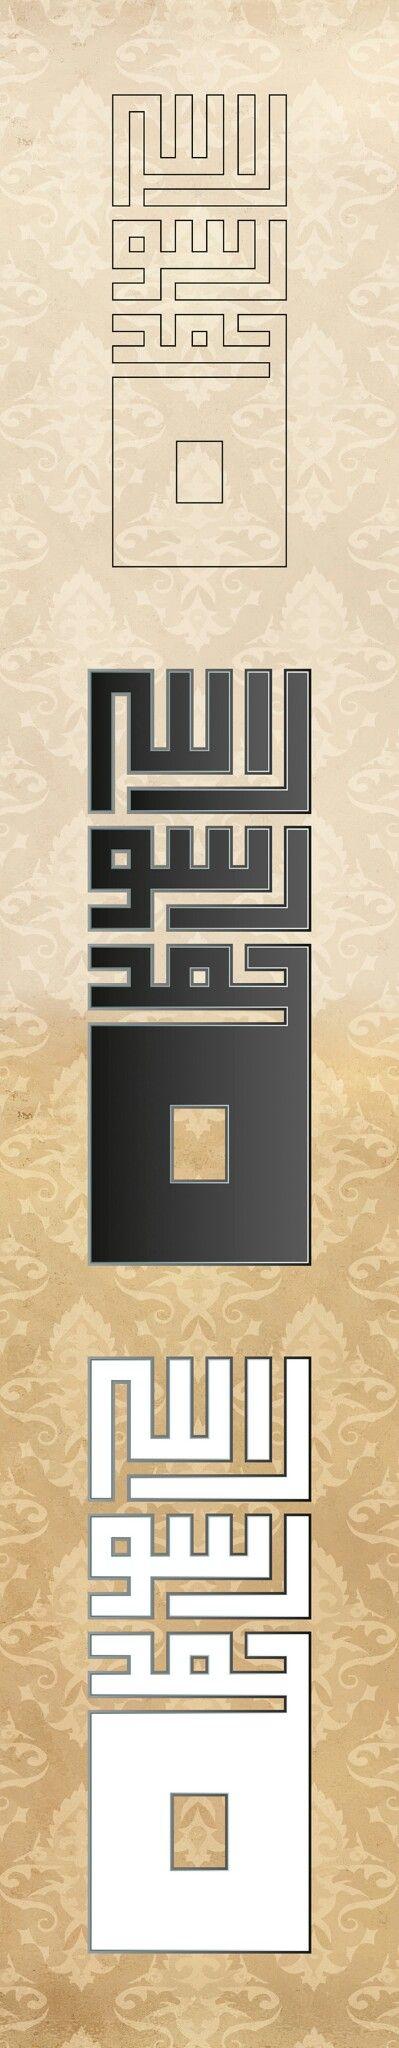 Gokhan Dilben adlı kullanıcının Kufic panosundaki Pin